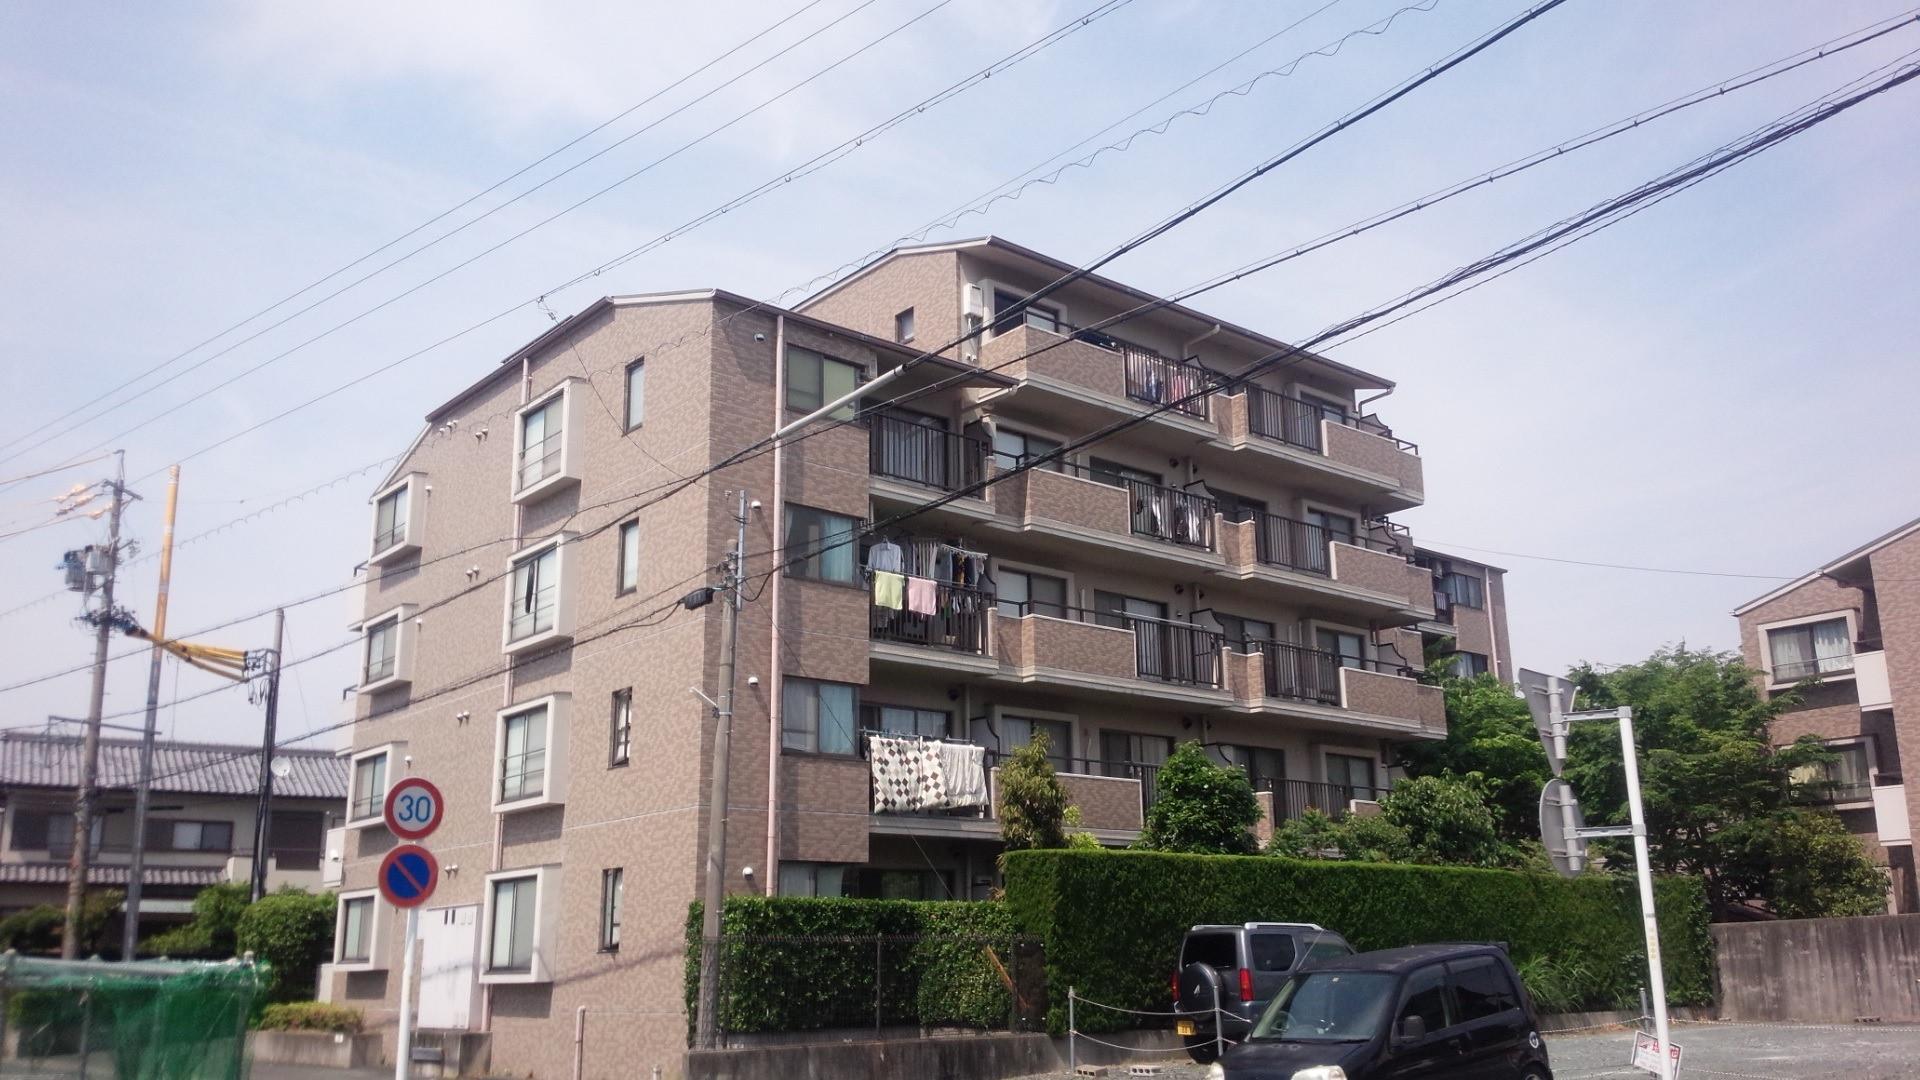 浜松市西区入野町「スカイパレス南平台 A棟 506号室」原状回復工事     原状回復工事の事ならMAXメディエイト